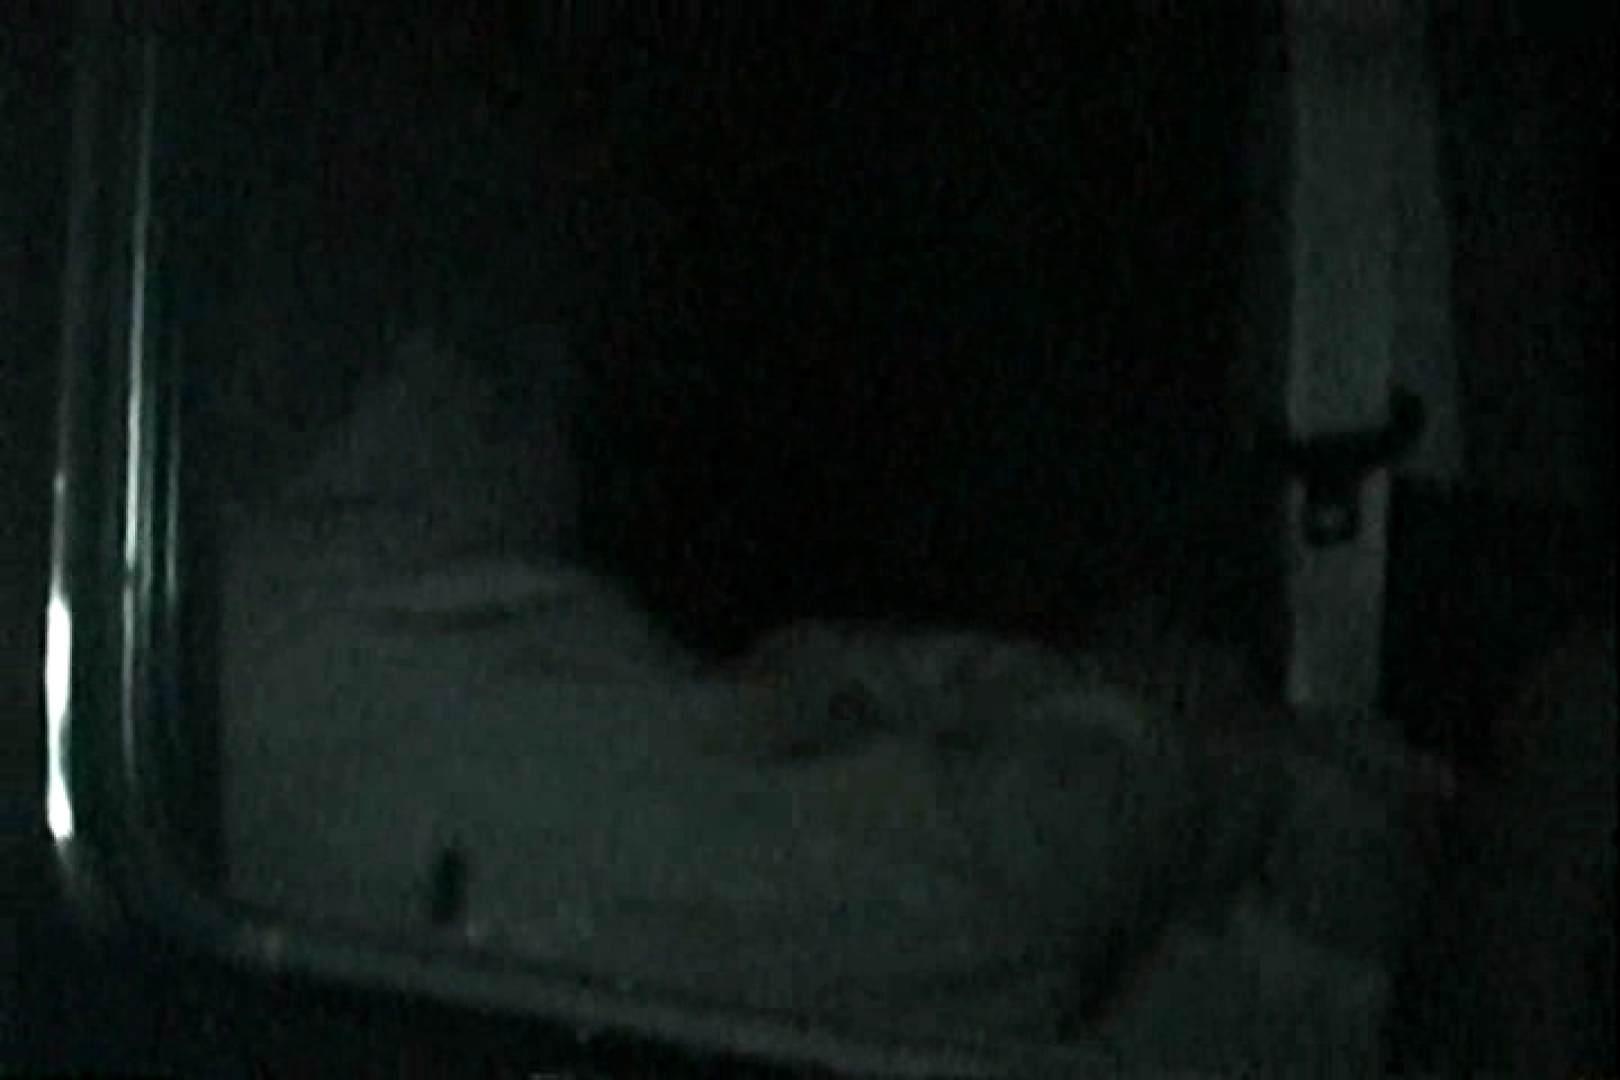 「充血監督」さんの深夜の運動会!! vol.126 フェラチオ SEX無修正画像 52pic 48